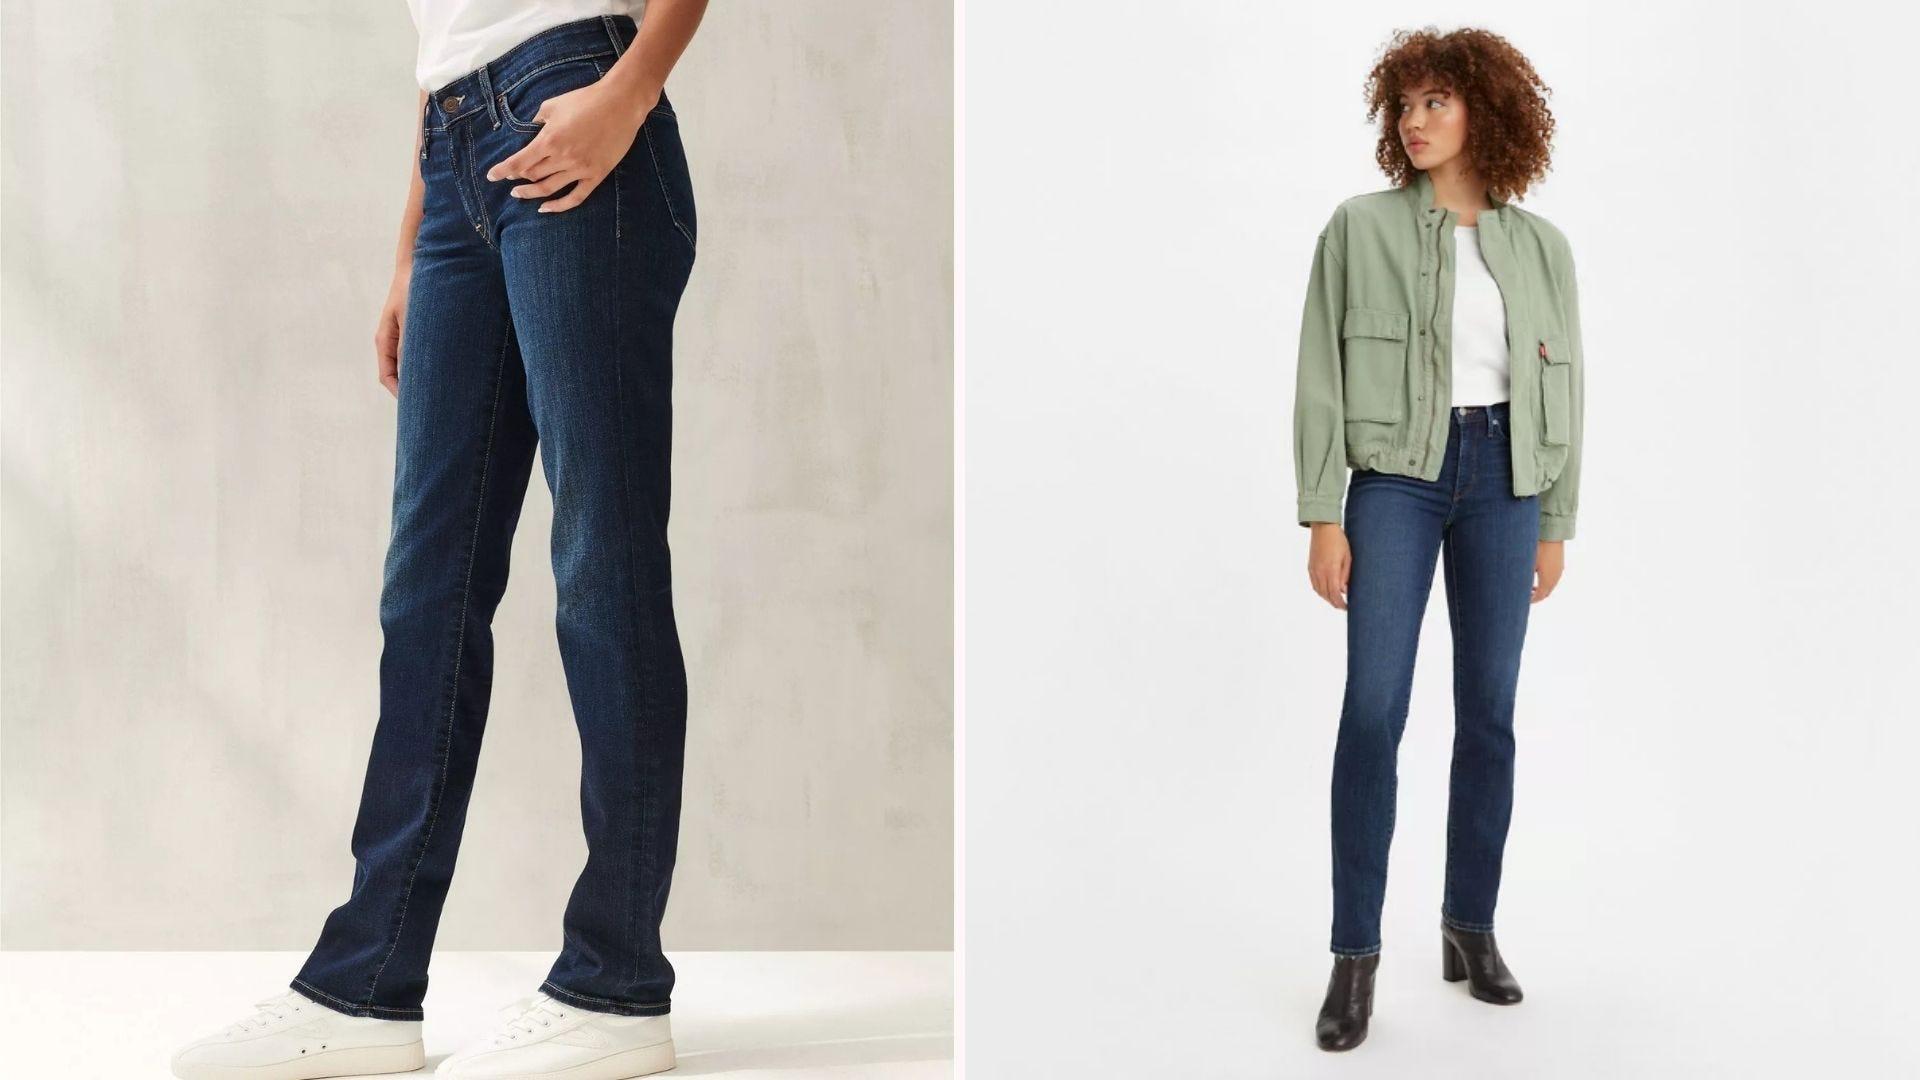 Two tall women wearing dark, long jeans